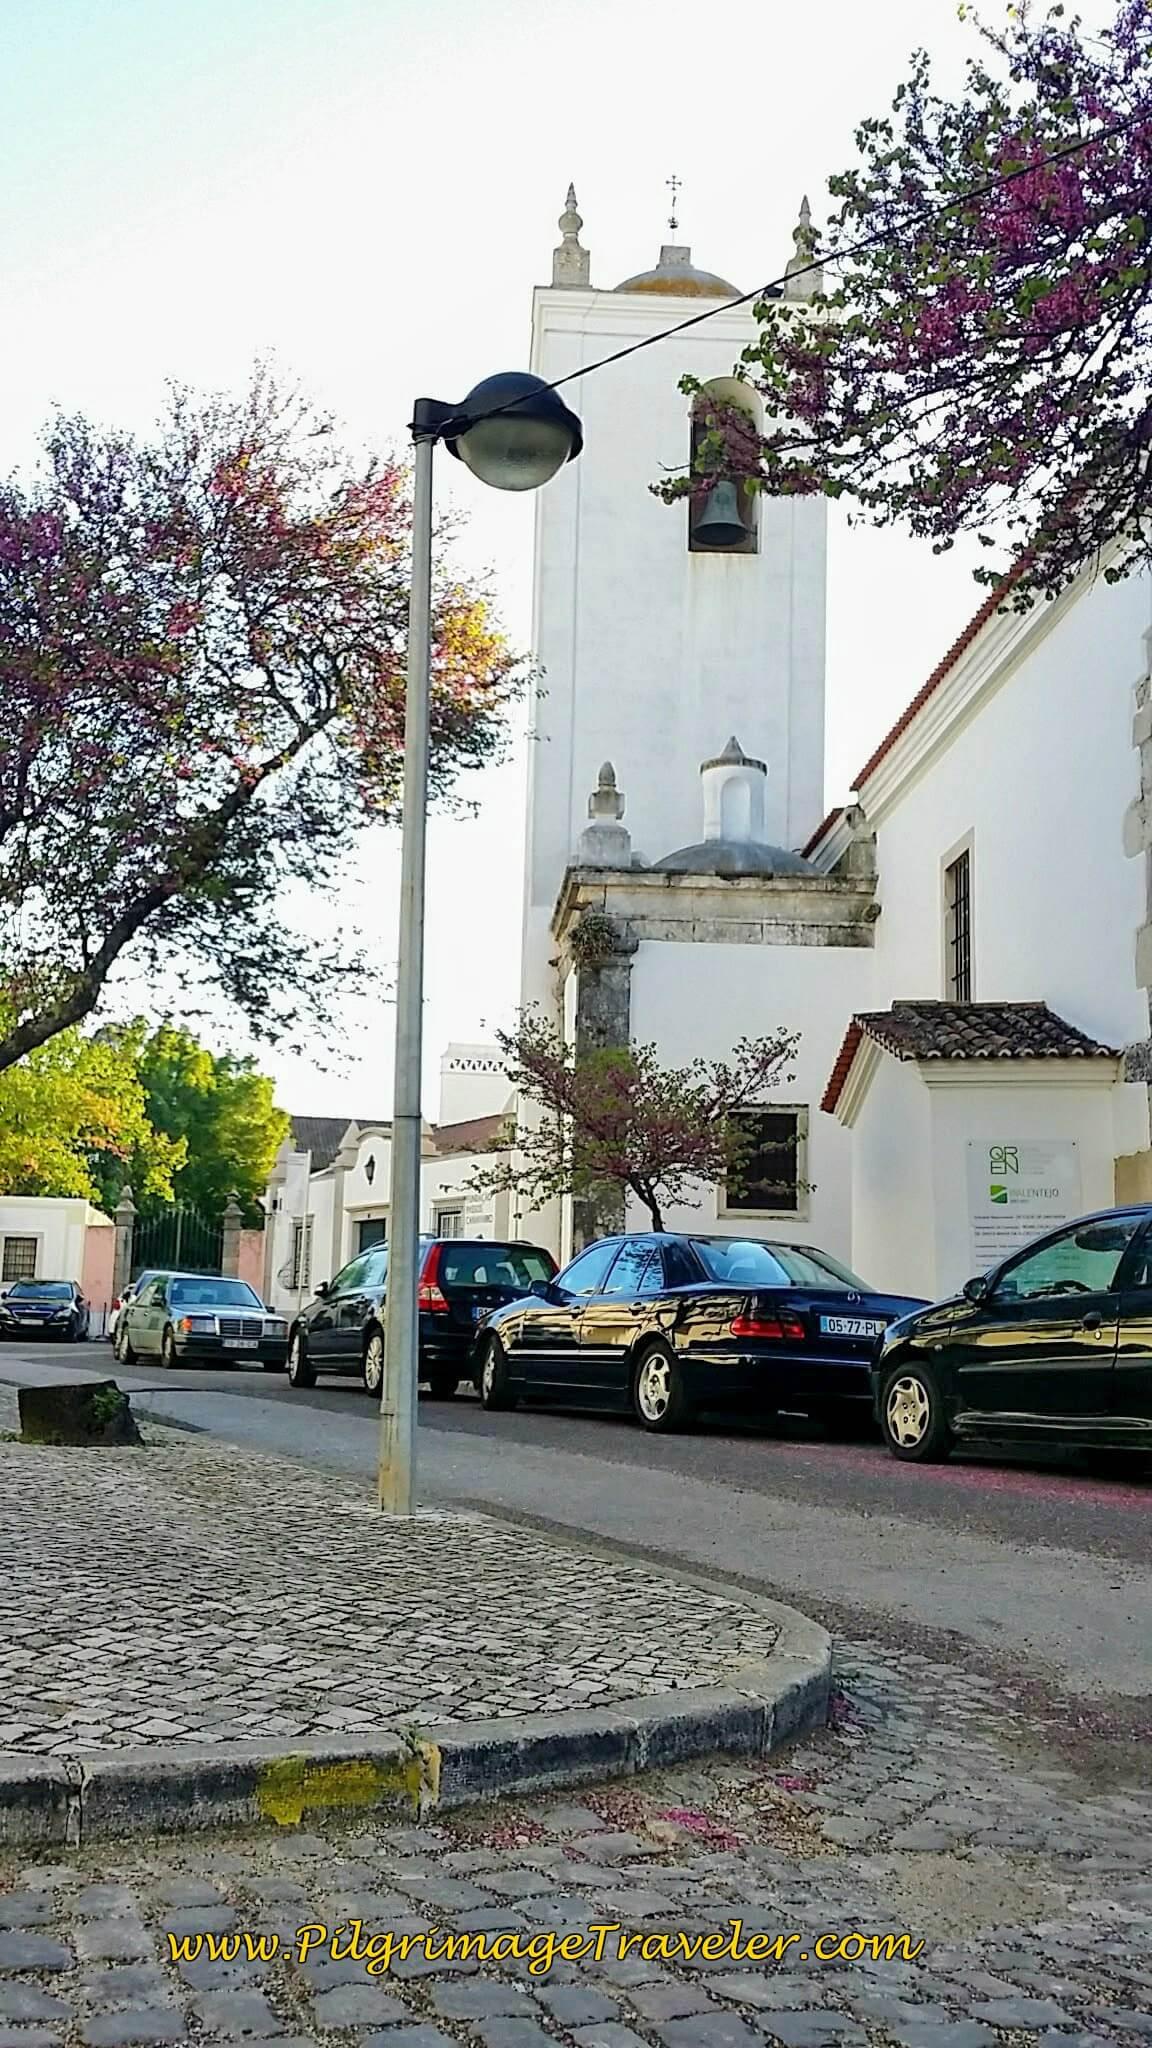 Small Yellow Arrow on Curb by the Church in the Largo do Alcáçova, Santarém, Portugal